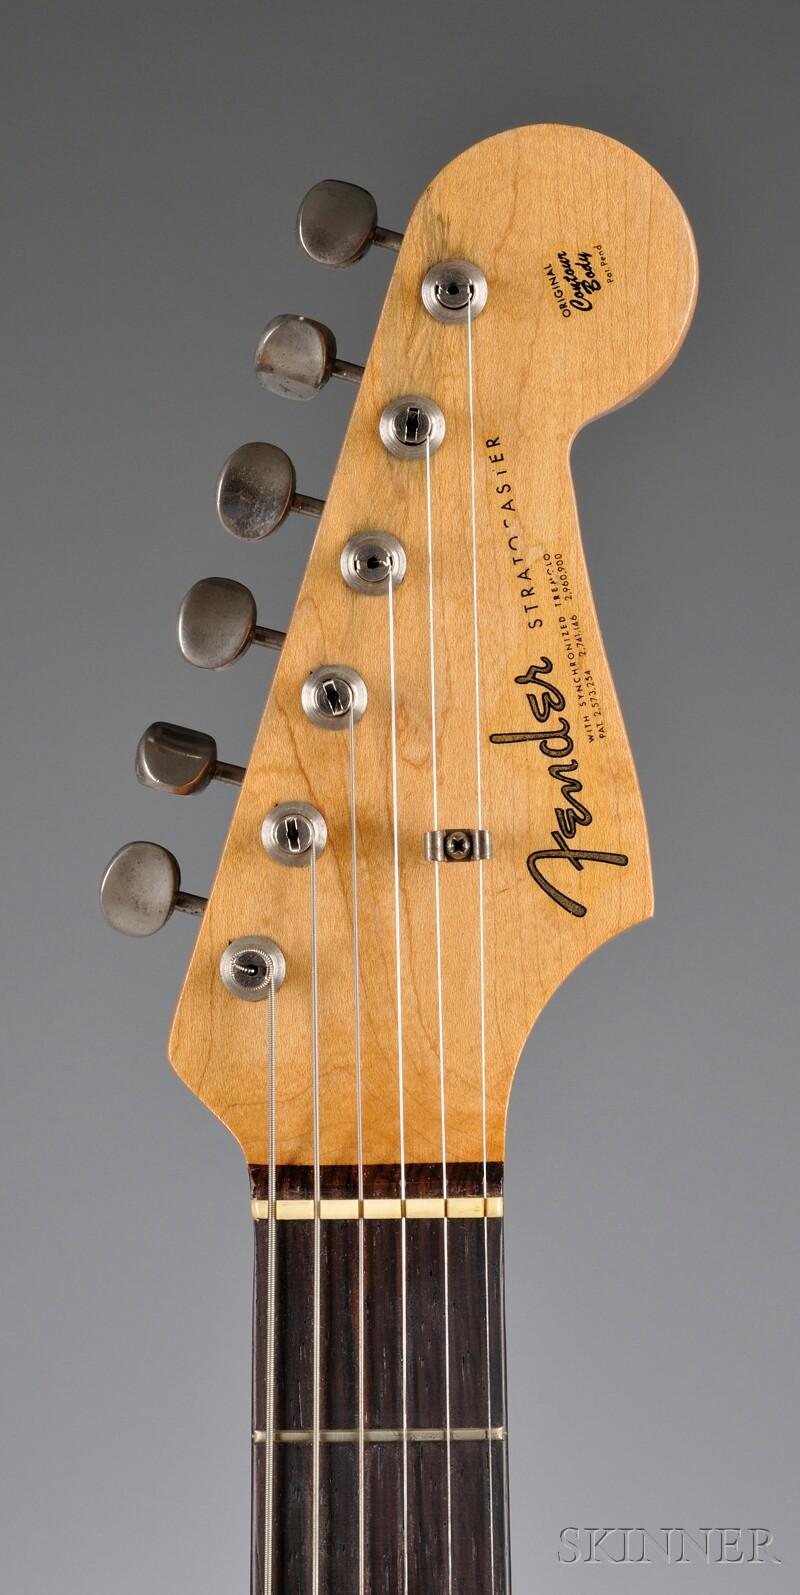 american electric guitar fender musical instruments fullerton 1964 model stratocaster sale. Black Bedroom Furniture Sets. Home Design Ideas